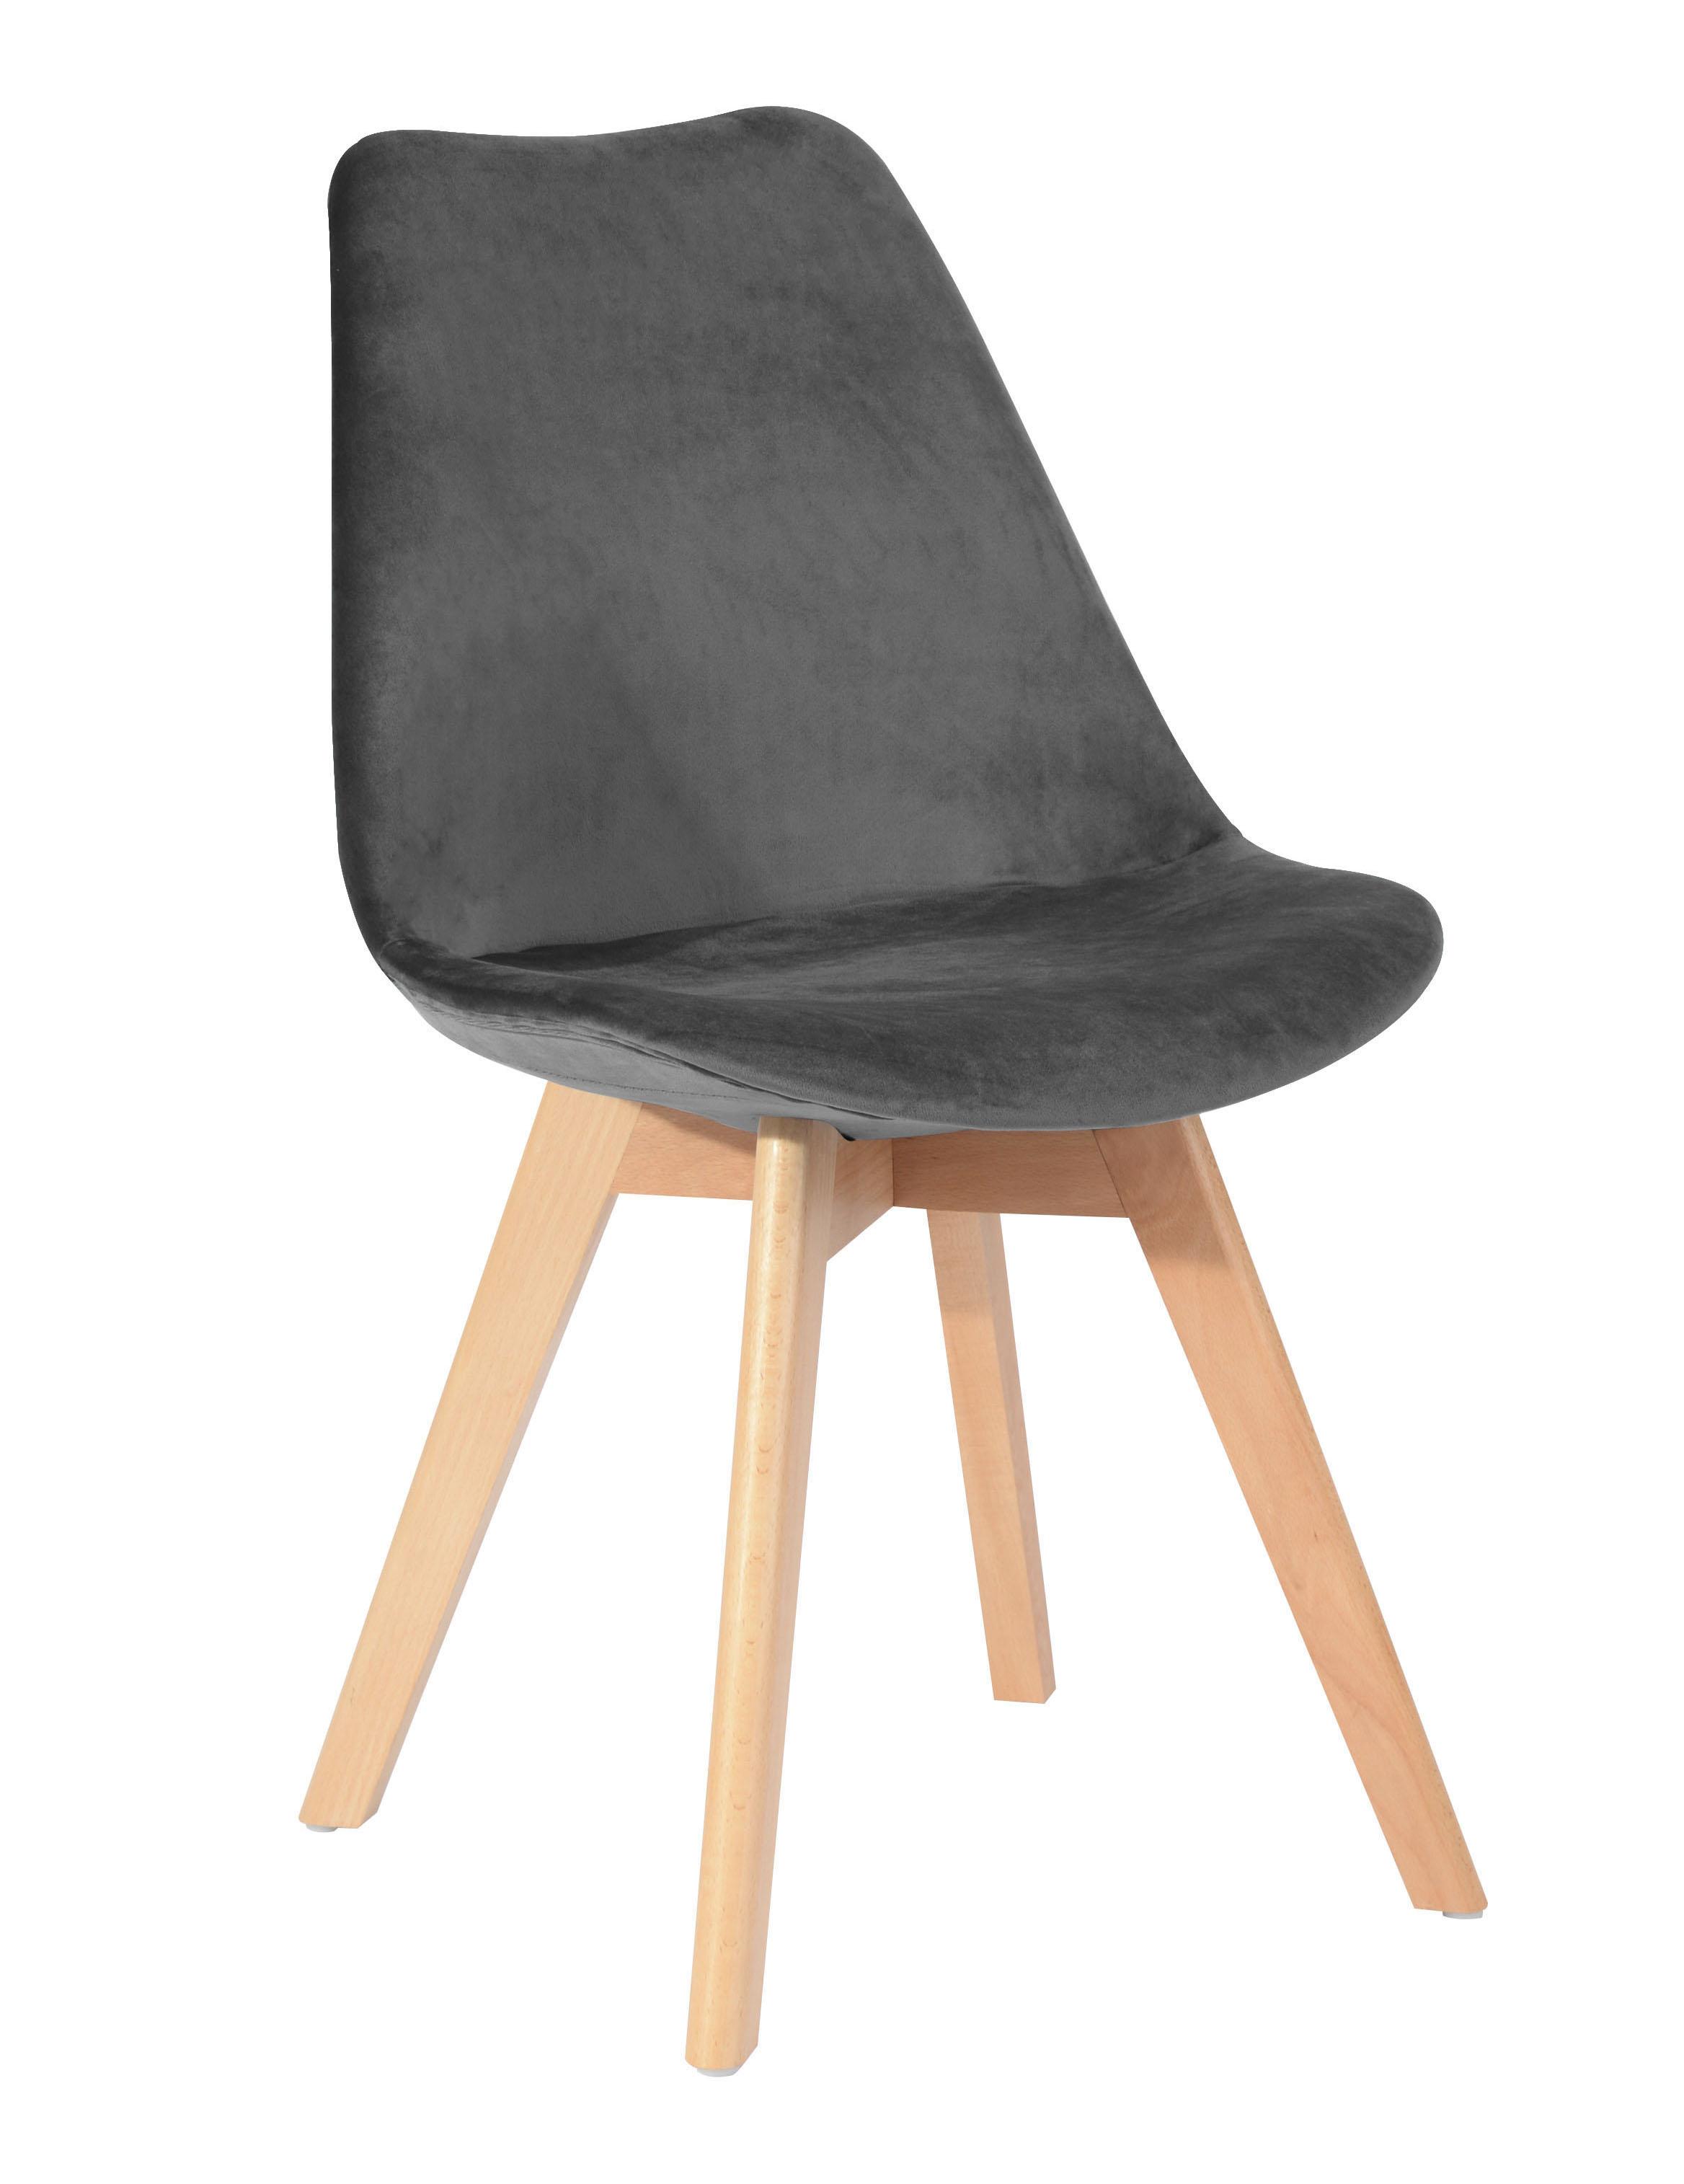 Chaise scandinave en velours gris anthracite 49x53xH84cm STOCKHOLM